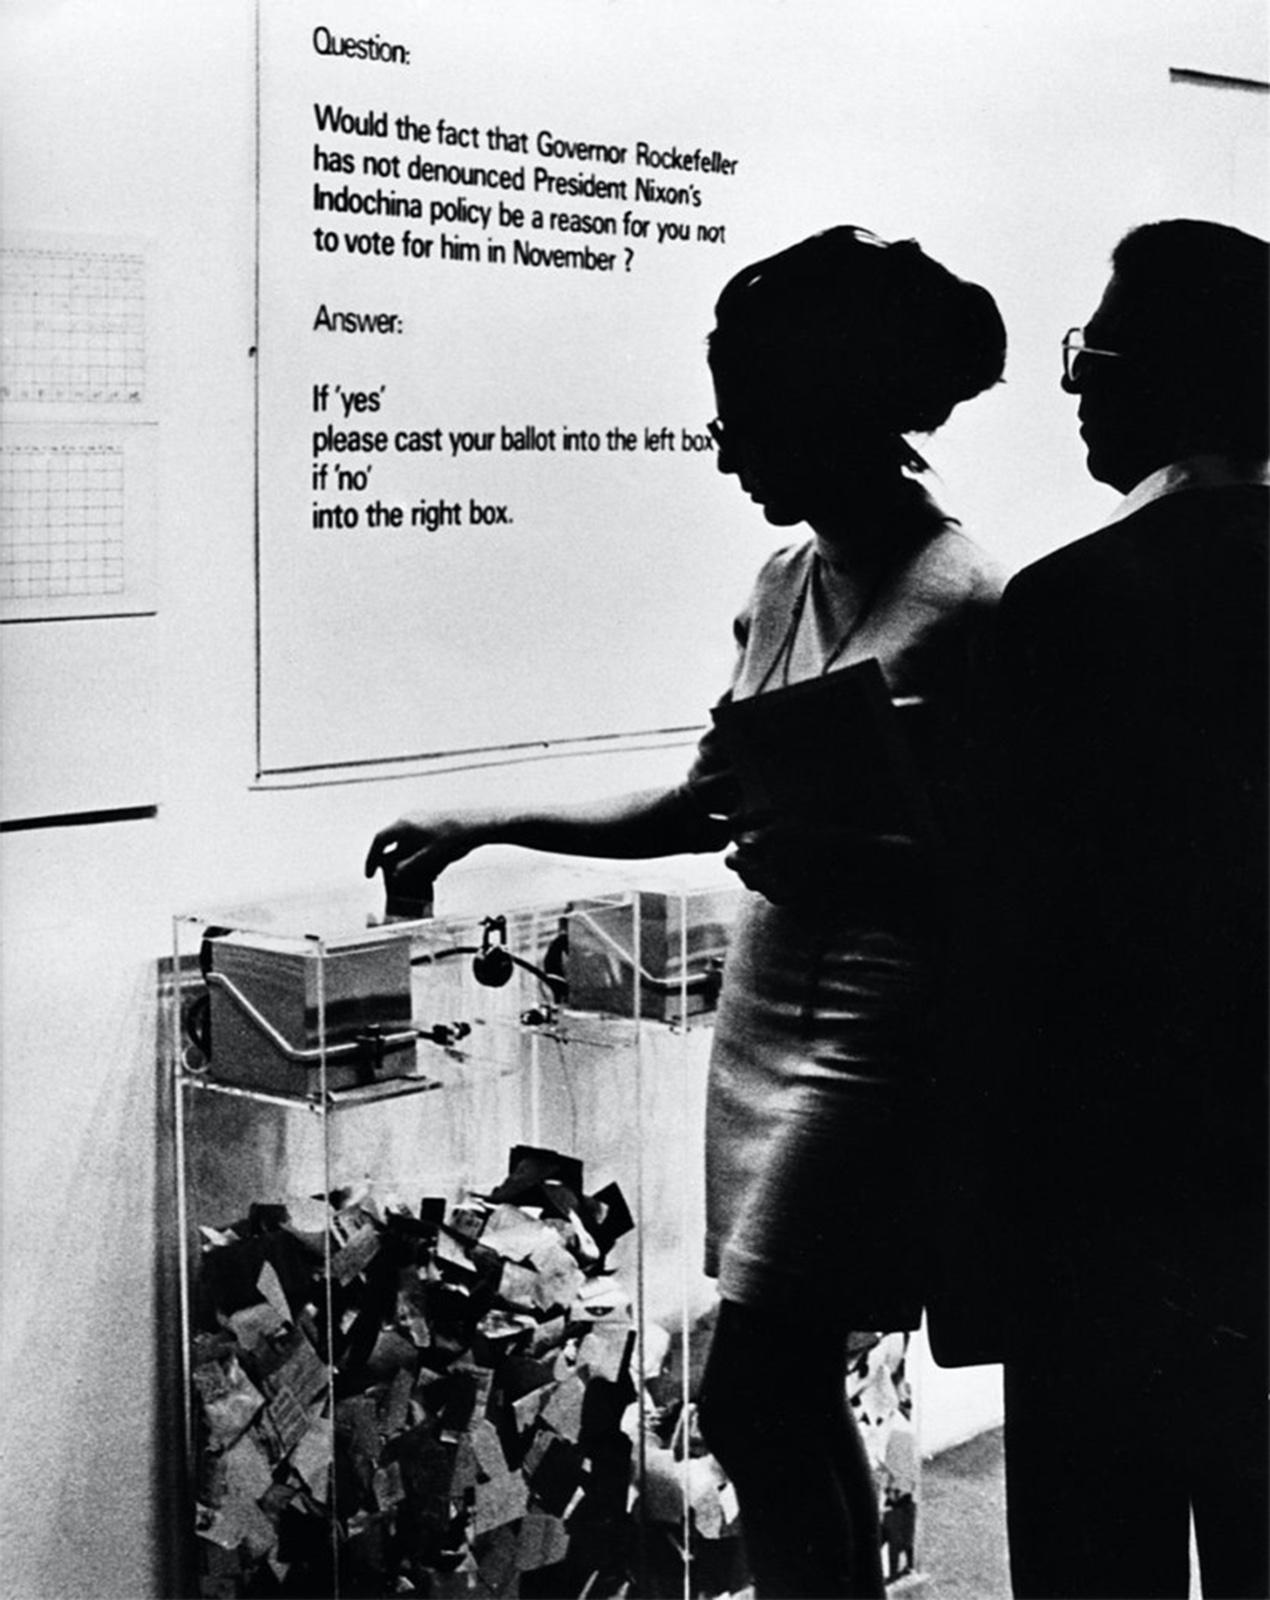 10汉斯·哈克,《MoMA的民意调查》